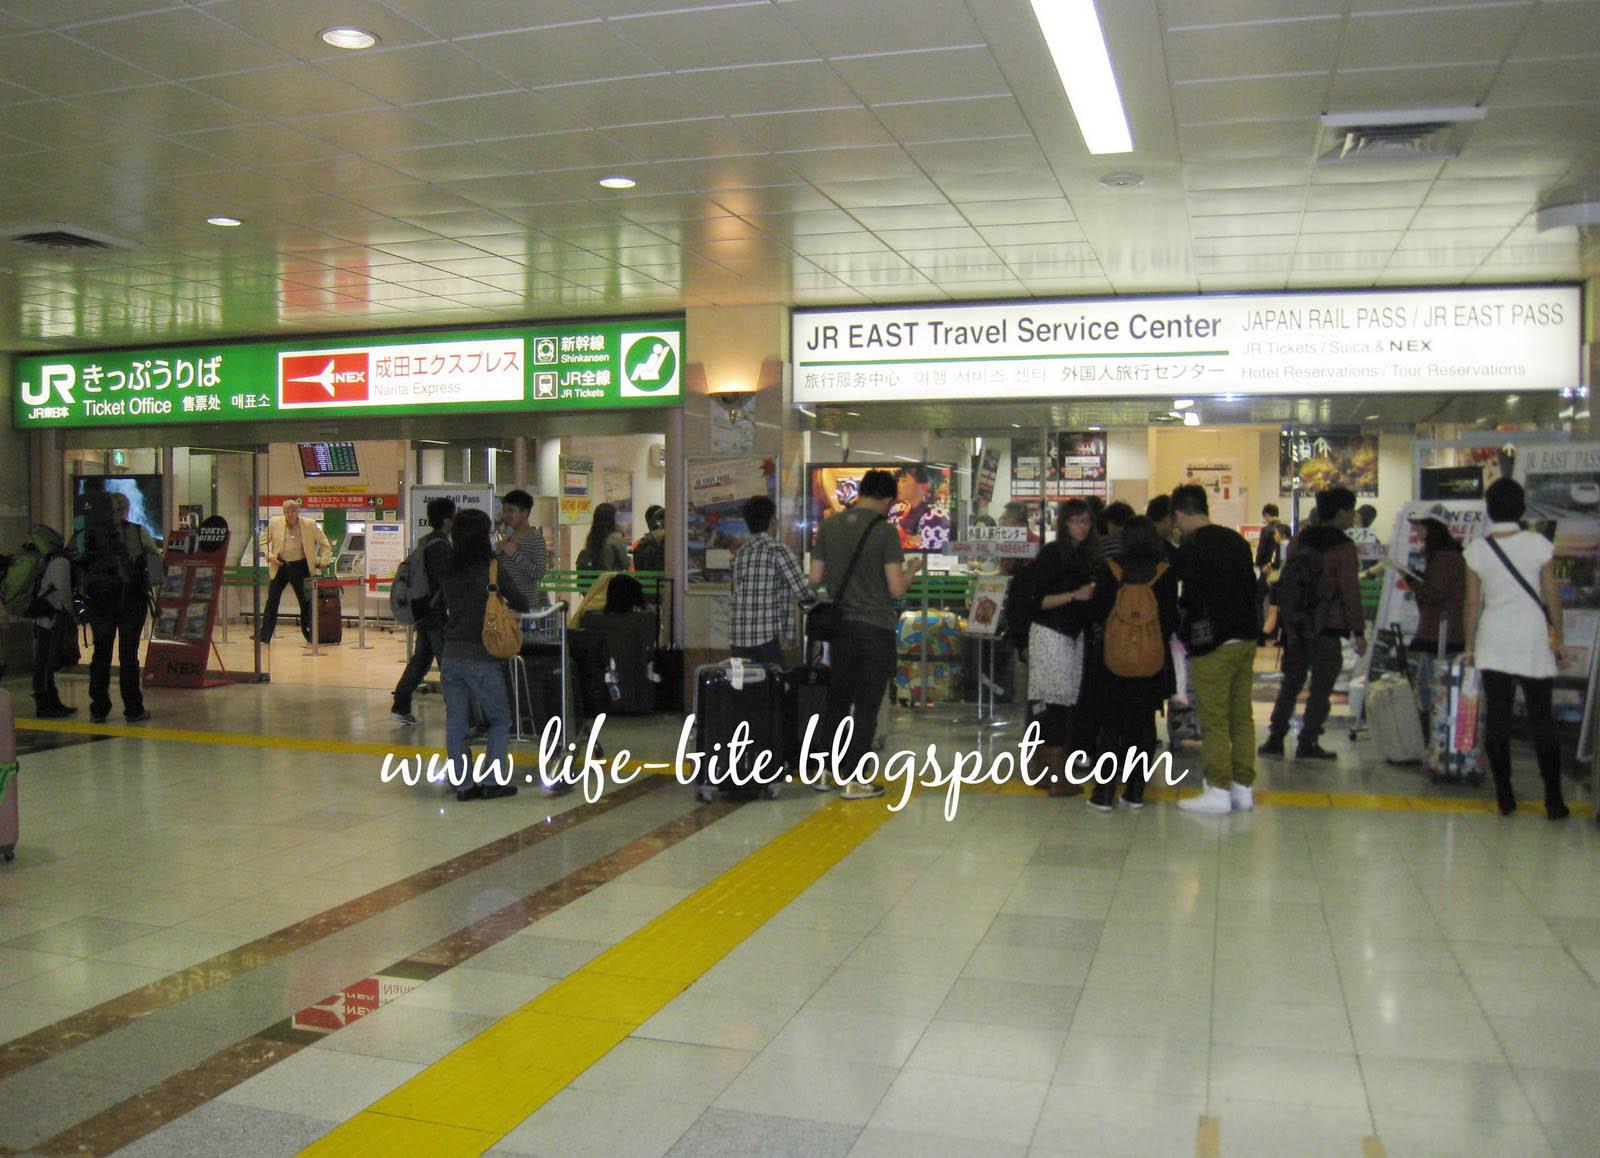 Traveling By Train From Narita Airport To Shinagawa Station